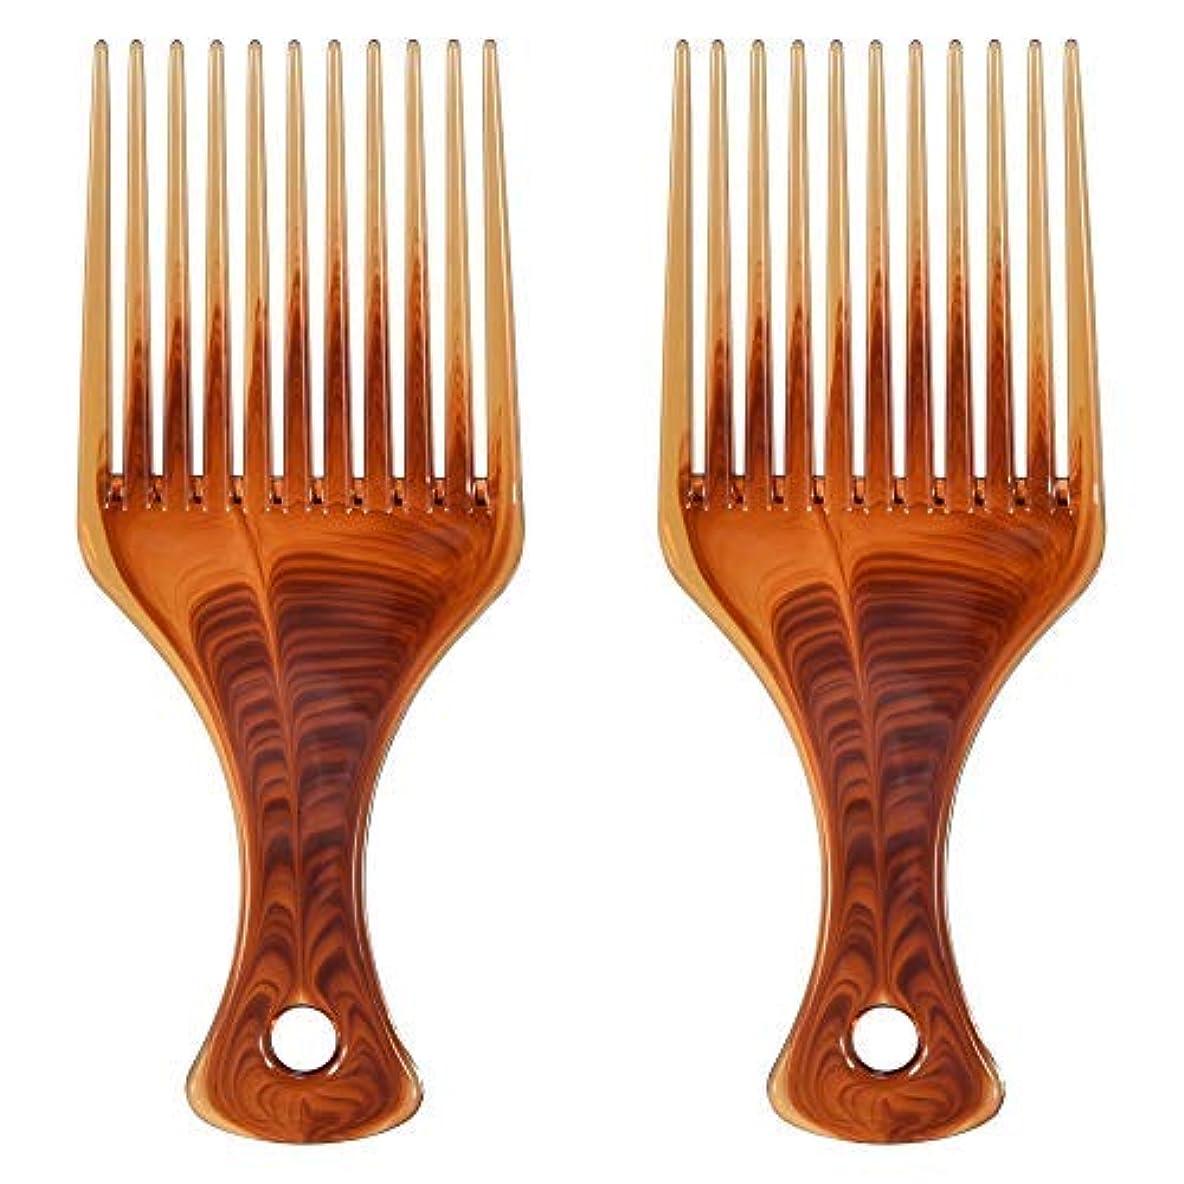 性能ペナルティバルブMosuch Hair Pick, 2pcs Super Smooth Picks Comb Hairdressing Wide Tooth Modeling Big Tooth Comb [並行輸入品]